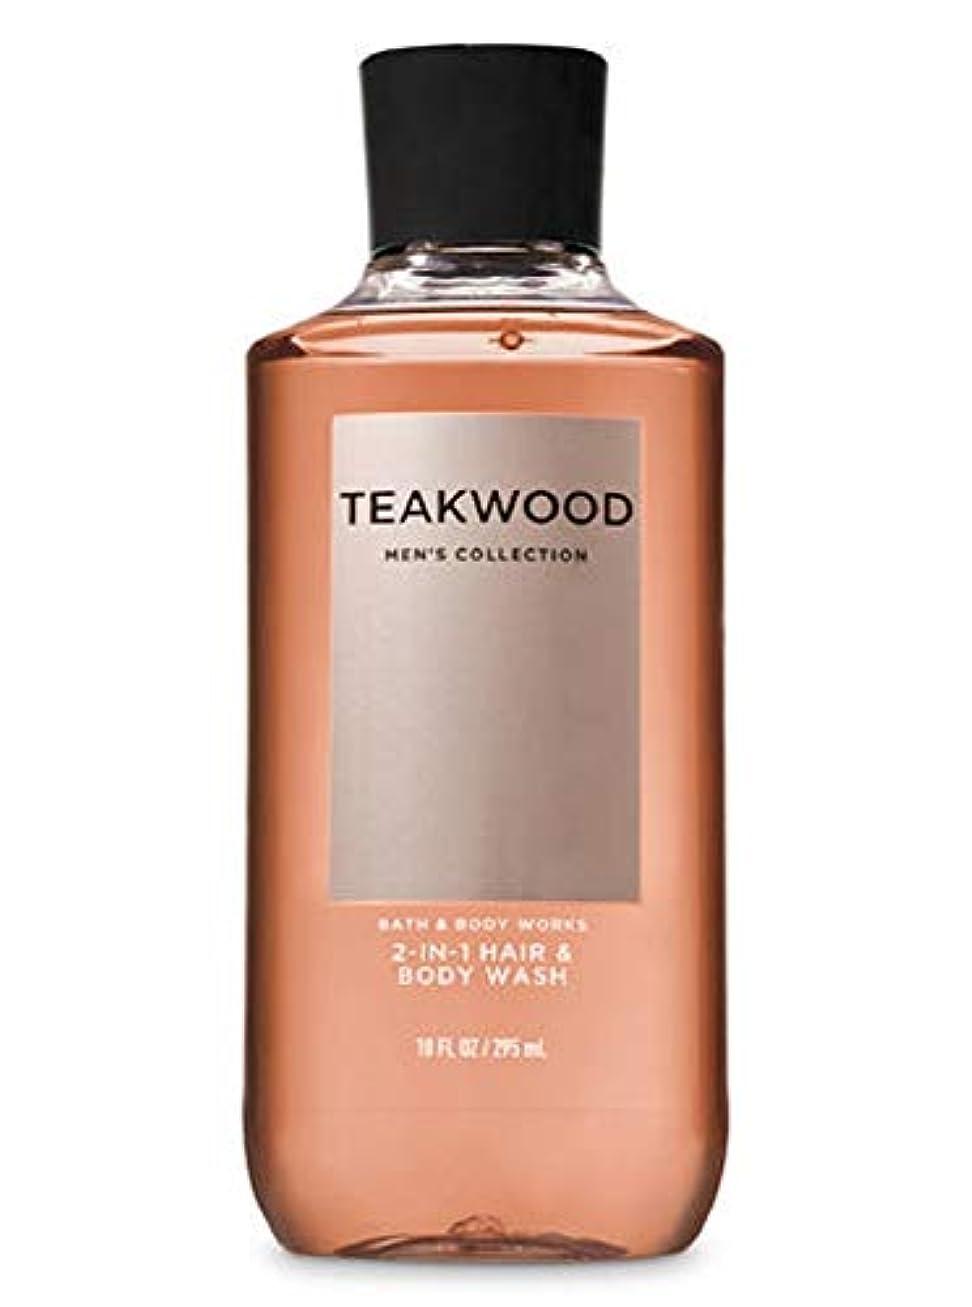 フェッチ売上高猫背【並行輸入品】Bath & Body Works TEAKWOOD 2-in-1 Hair + Body Wash